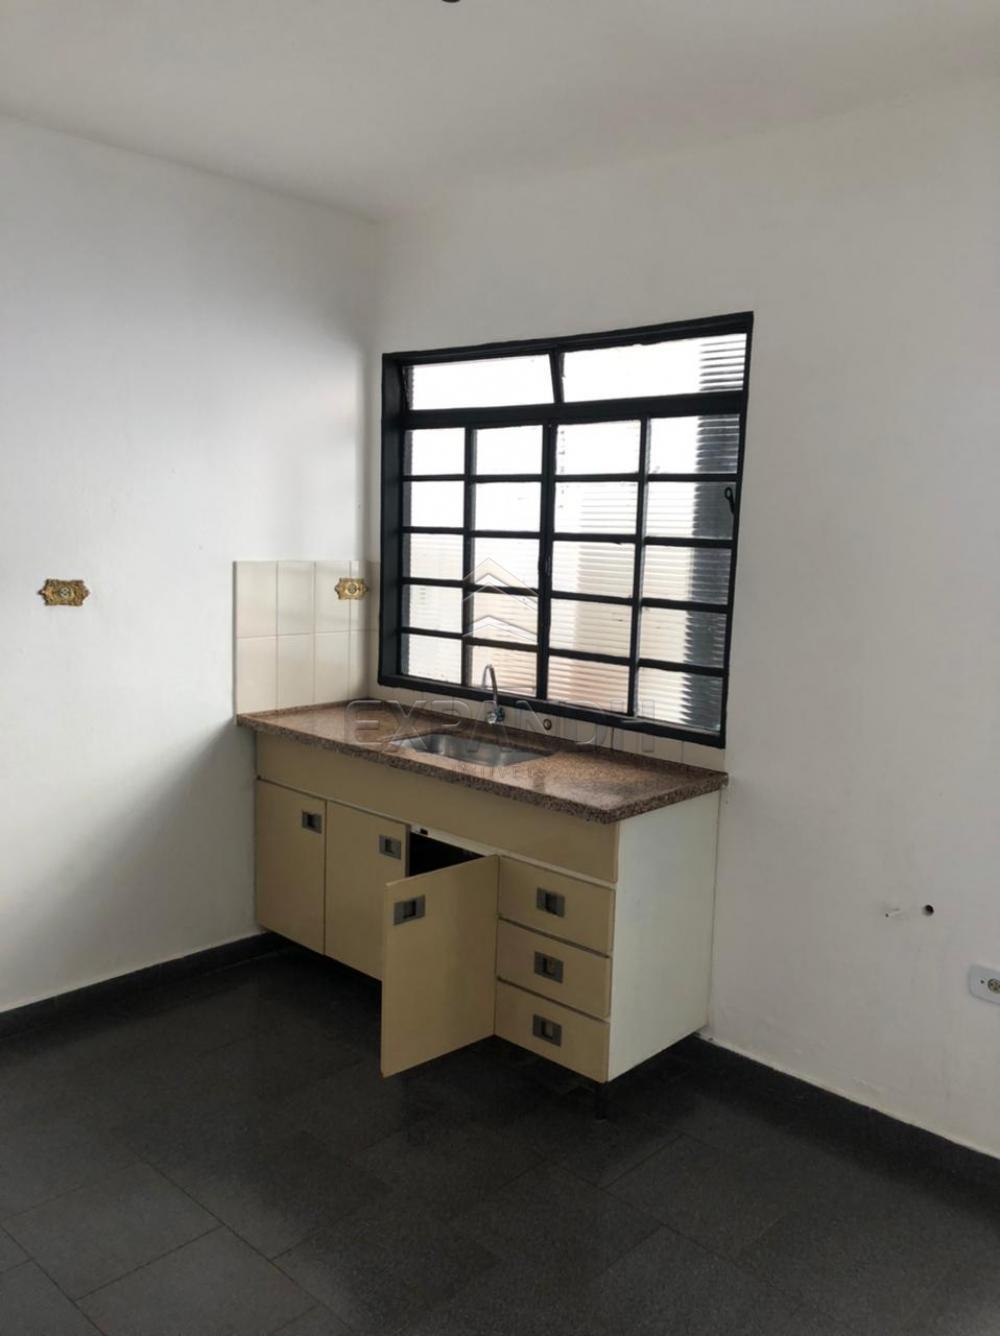 Alugar Casas / Padrão em Sertãozinho R$ 1.000,00 - Foto 9